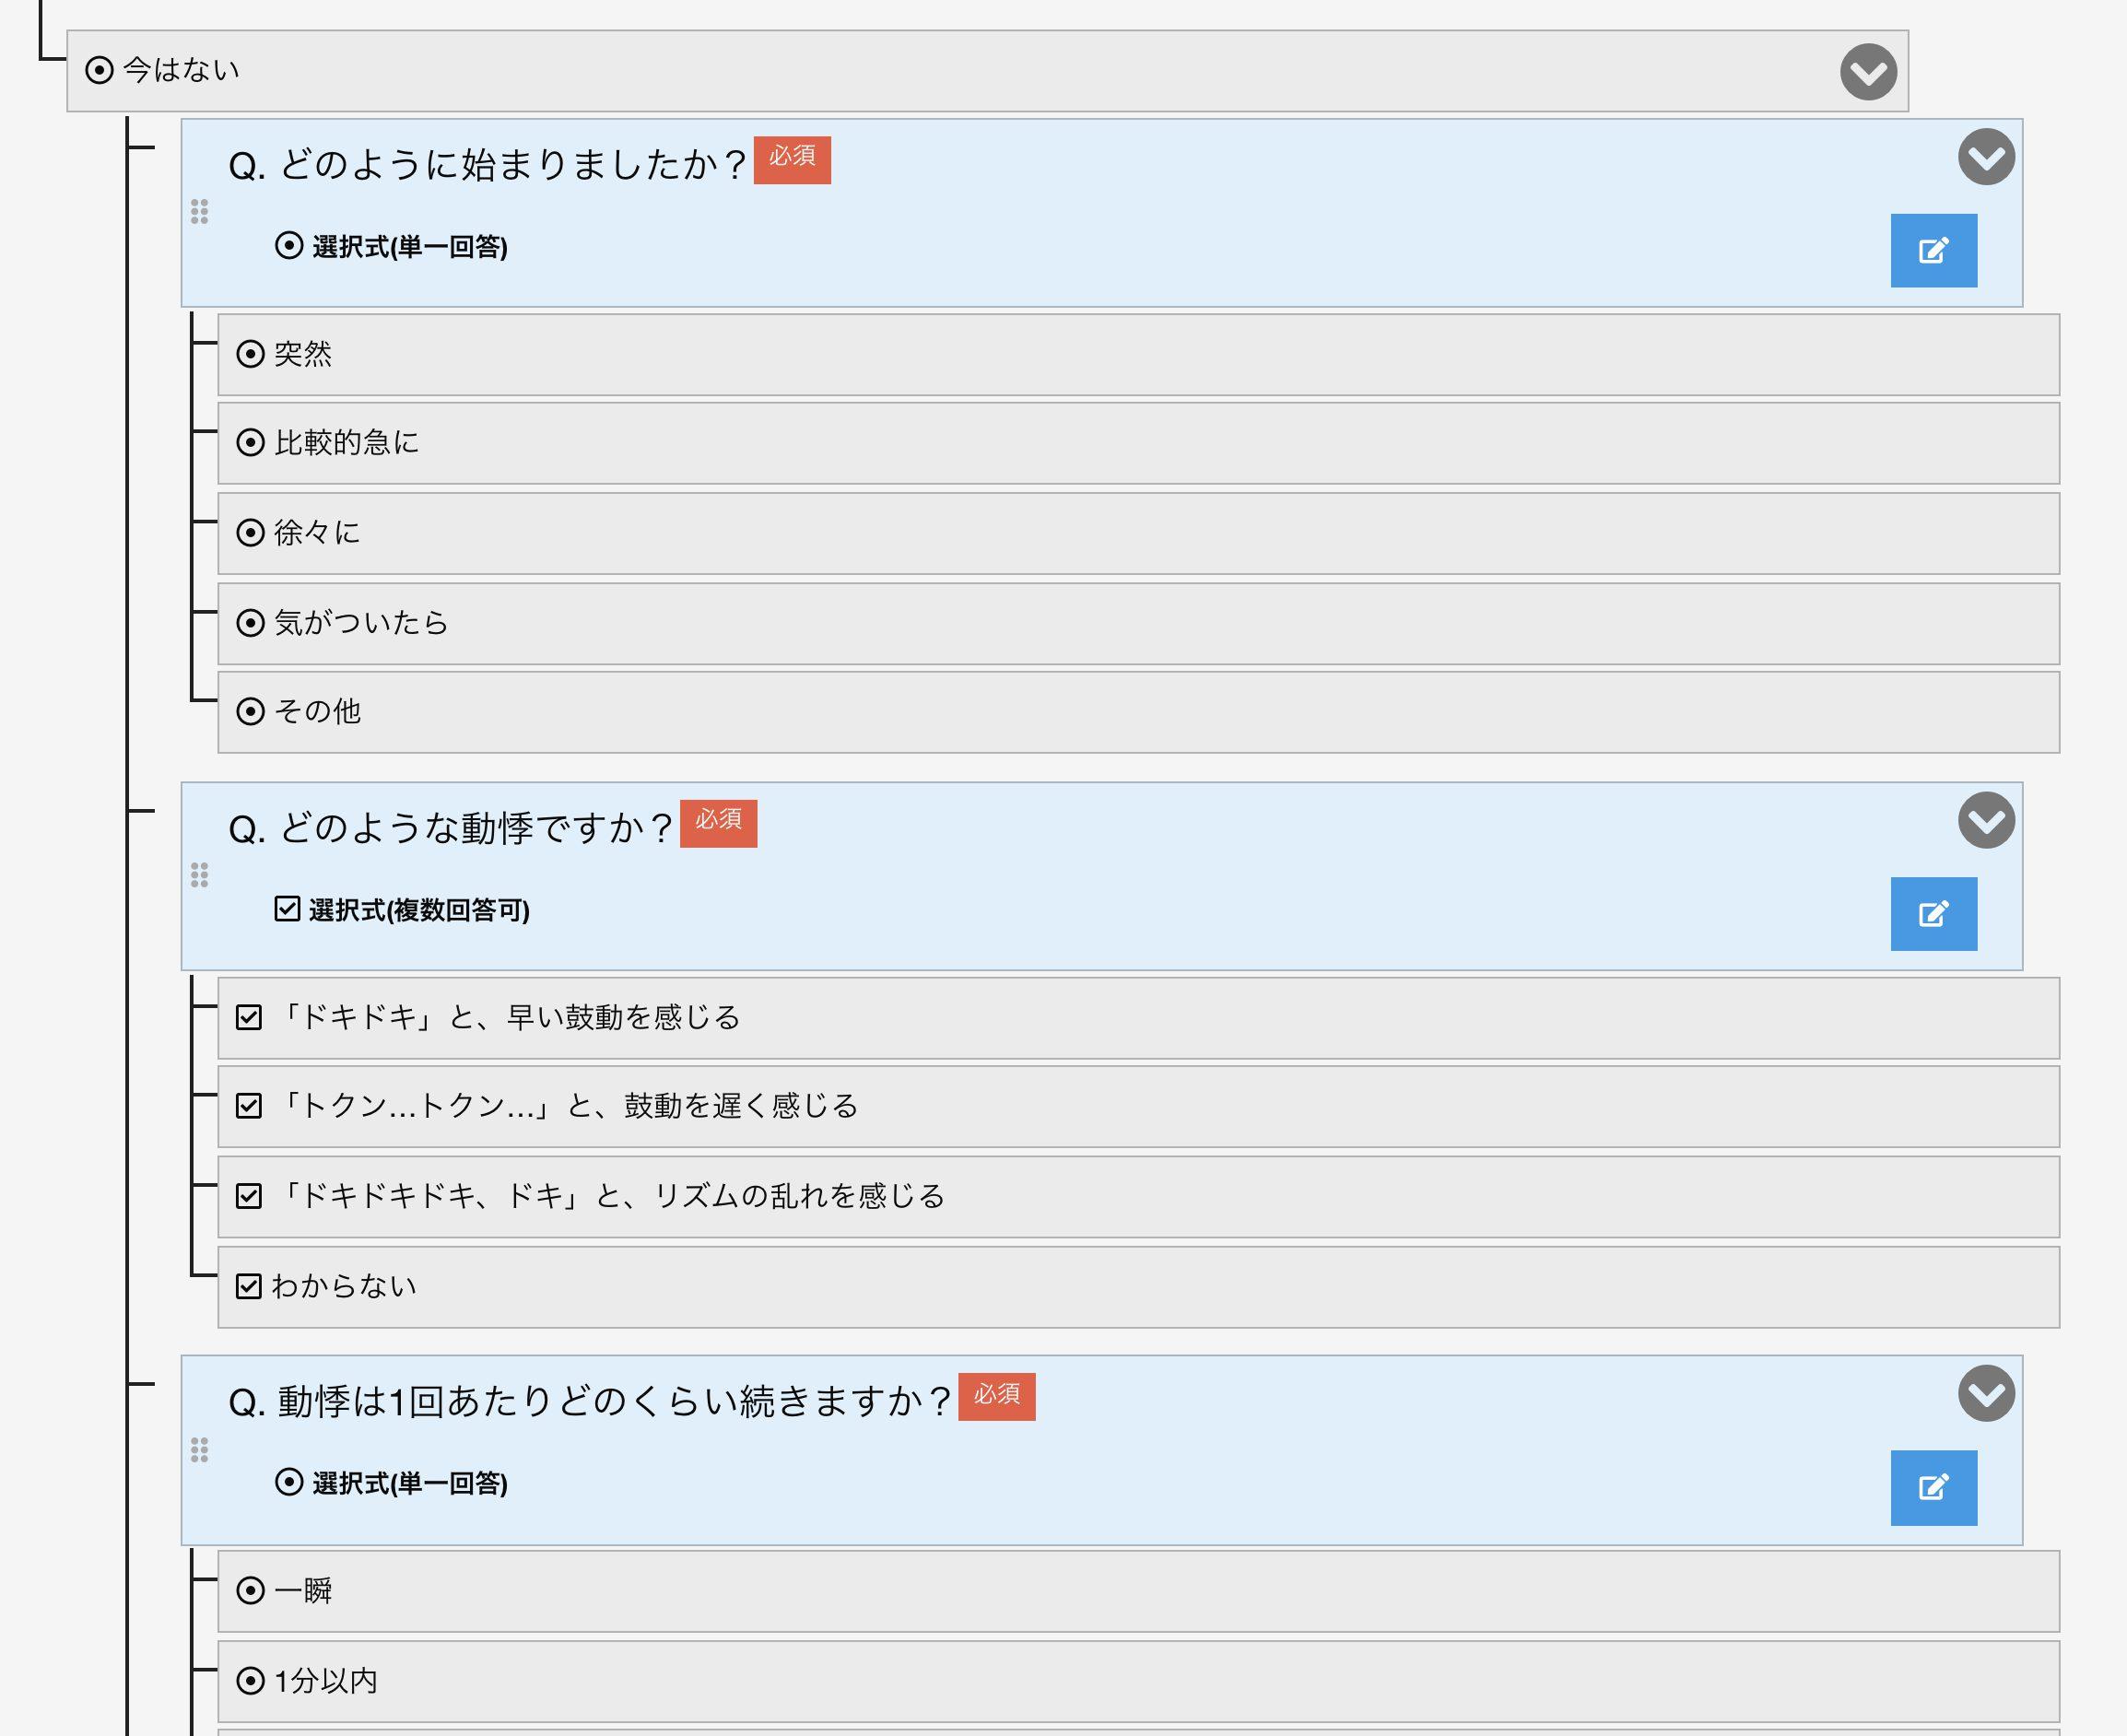 kinshicho-heart-monshin-8